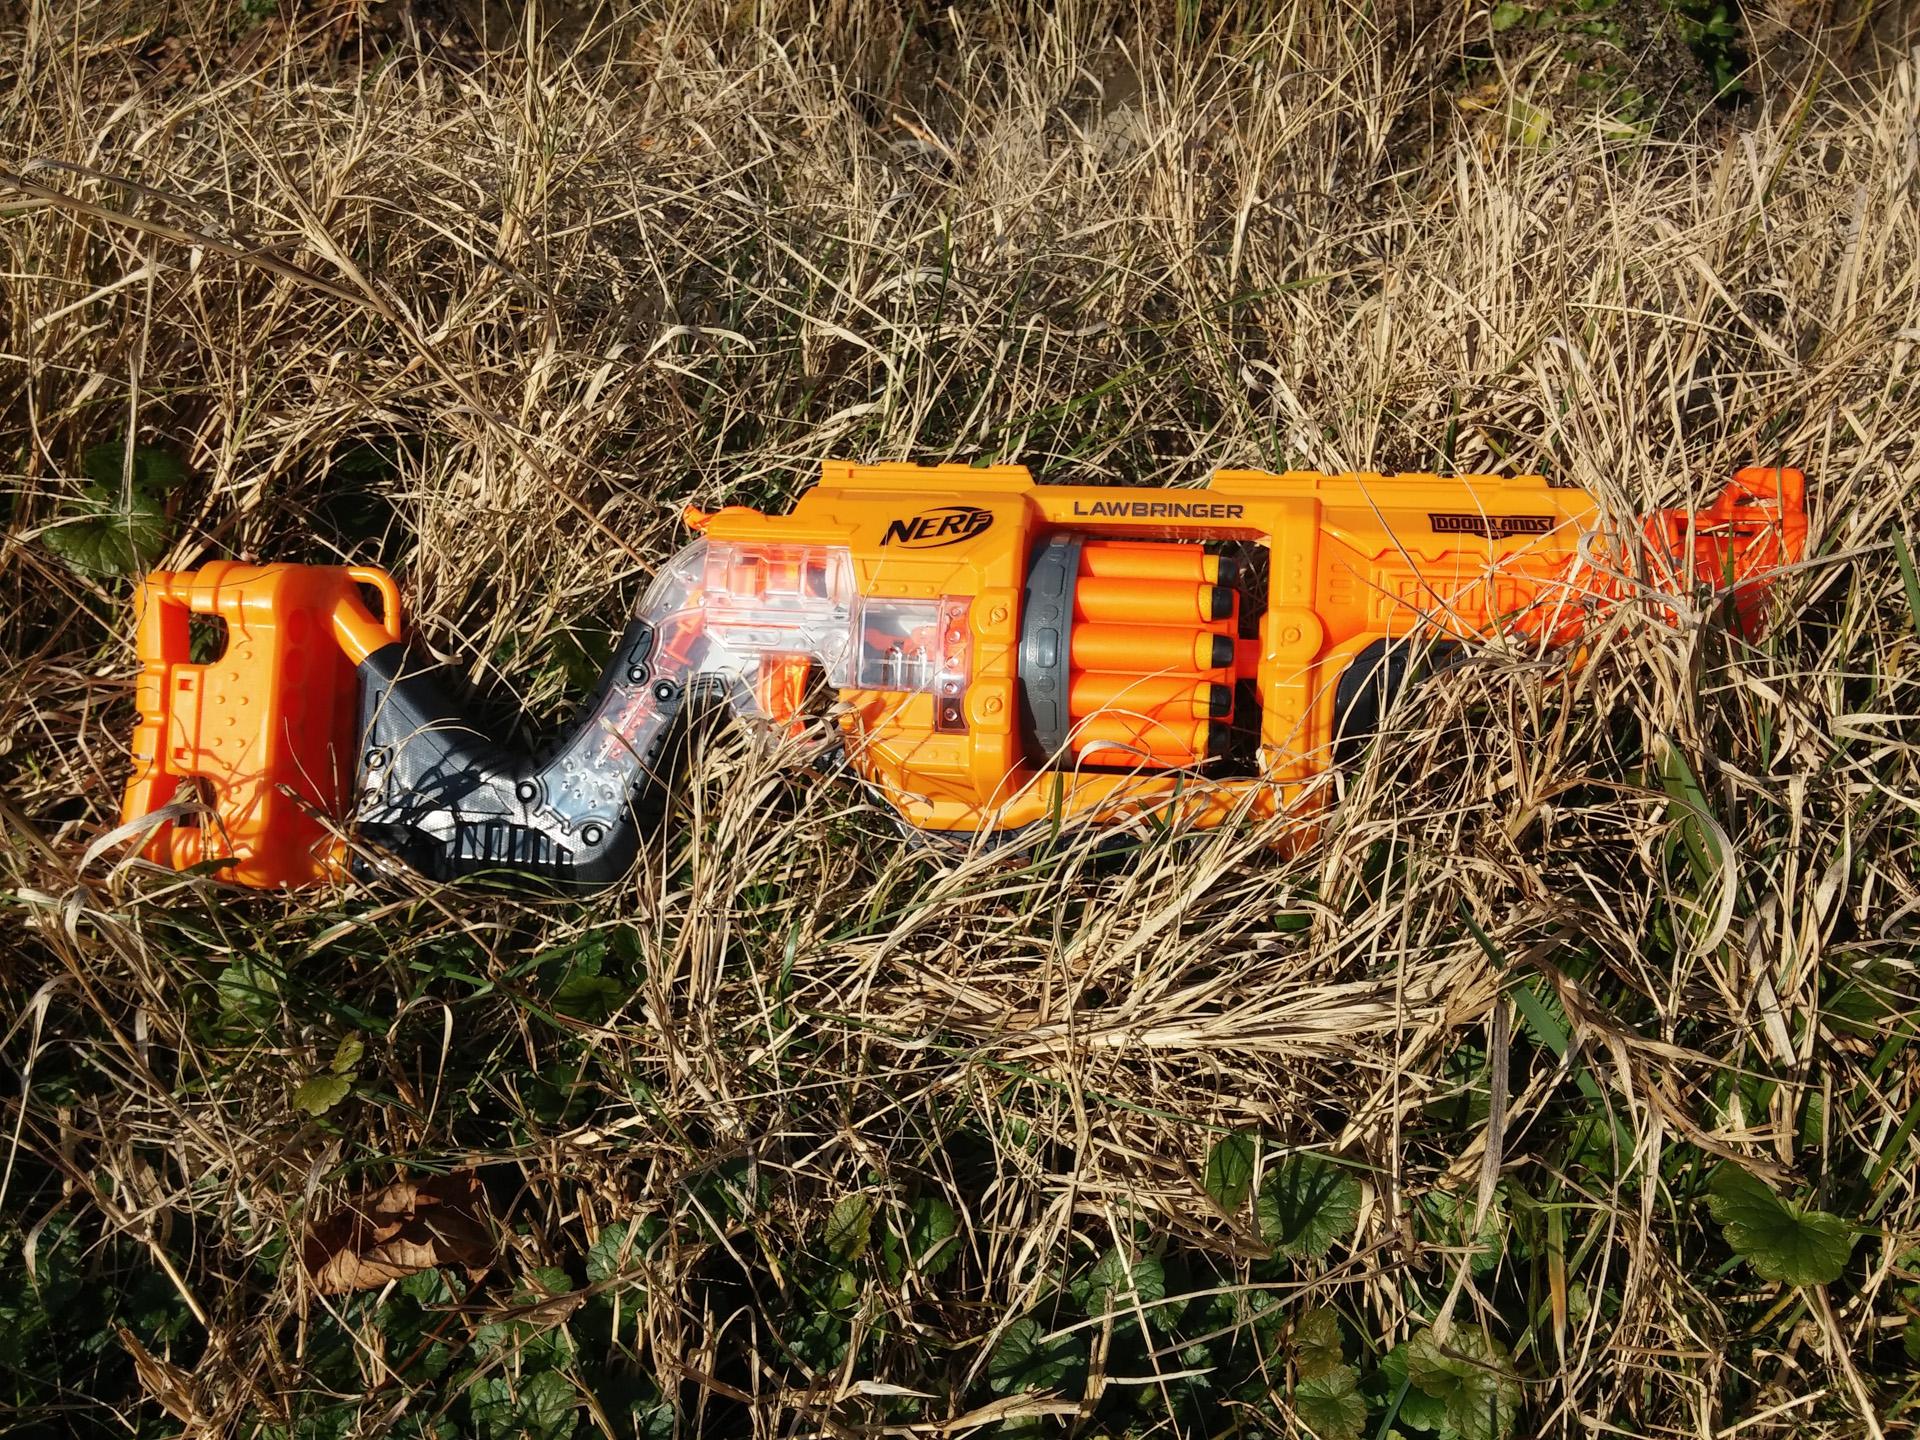 Nerf Doomlands Lawbringer - Design (4)